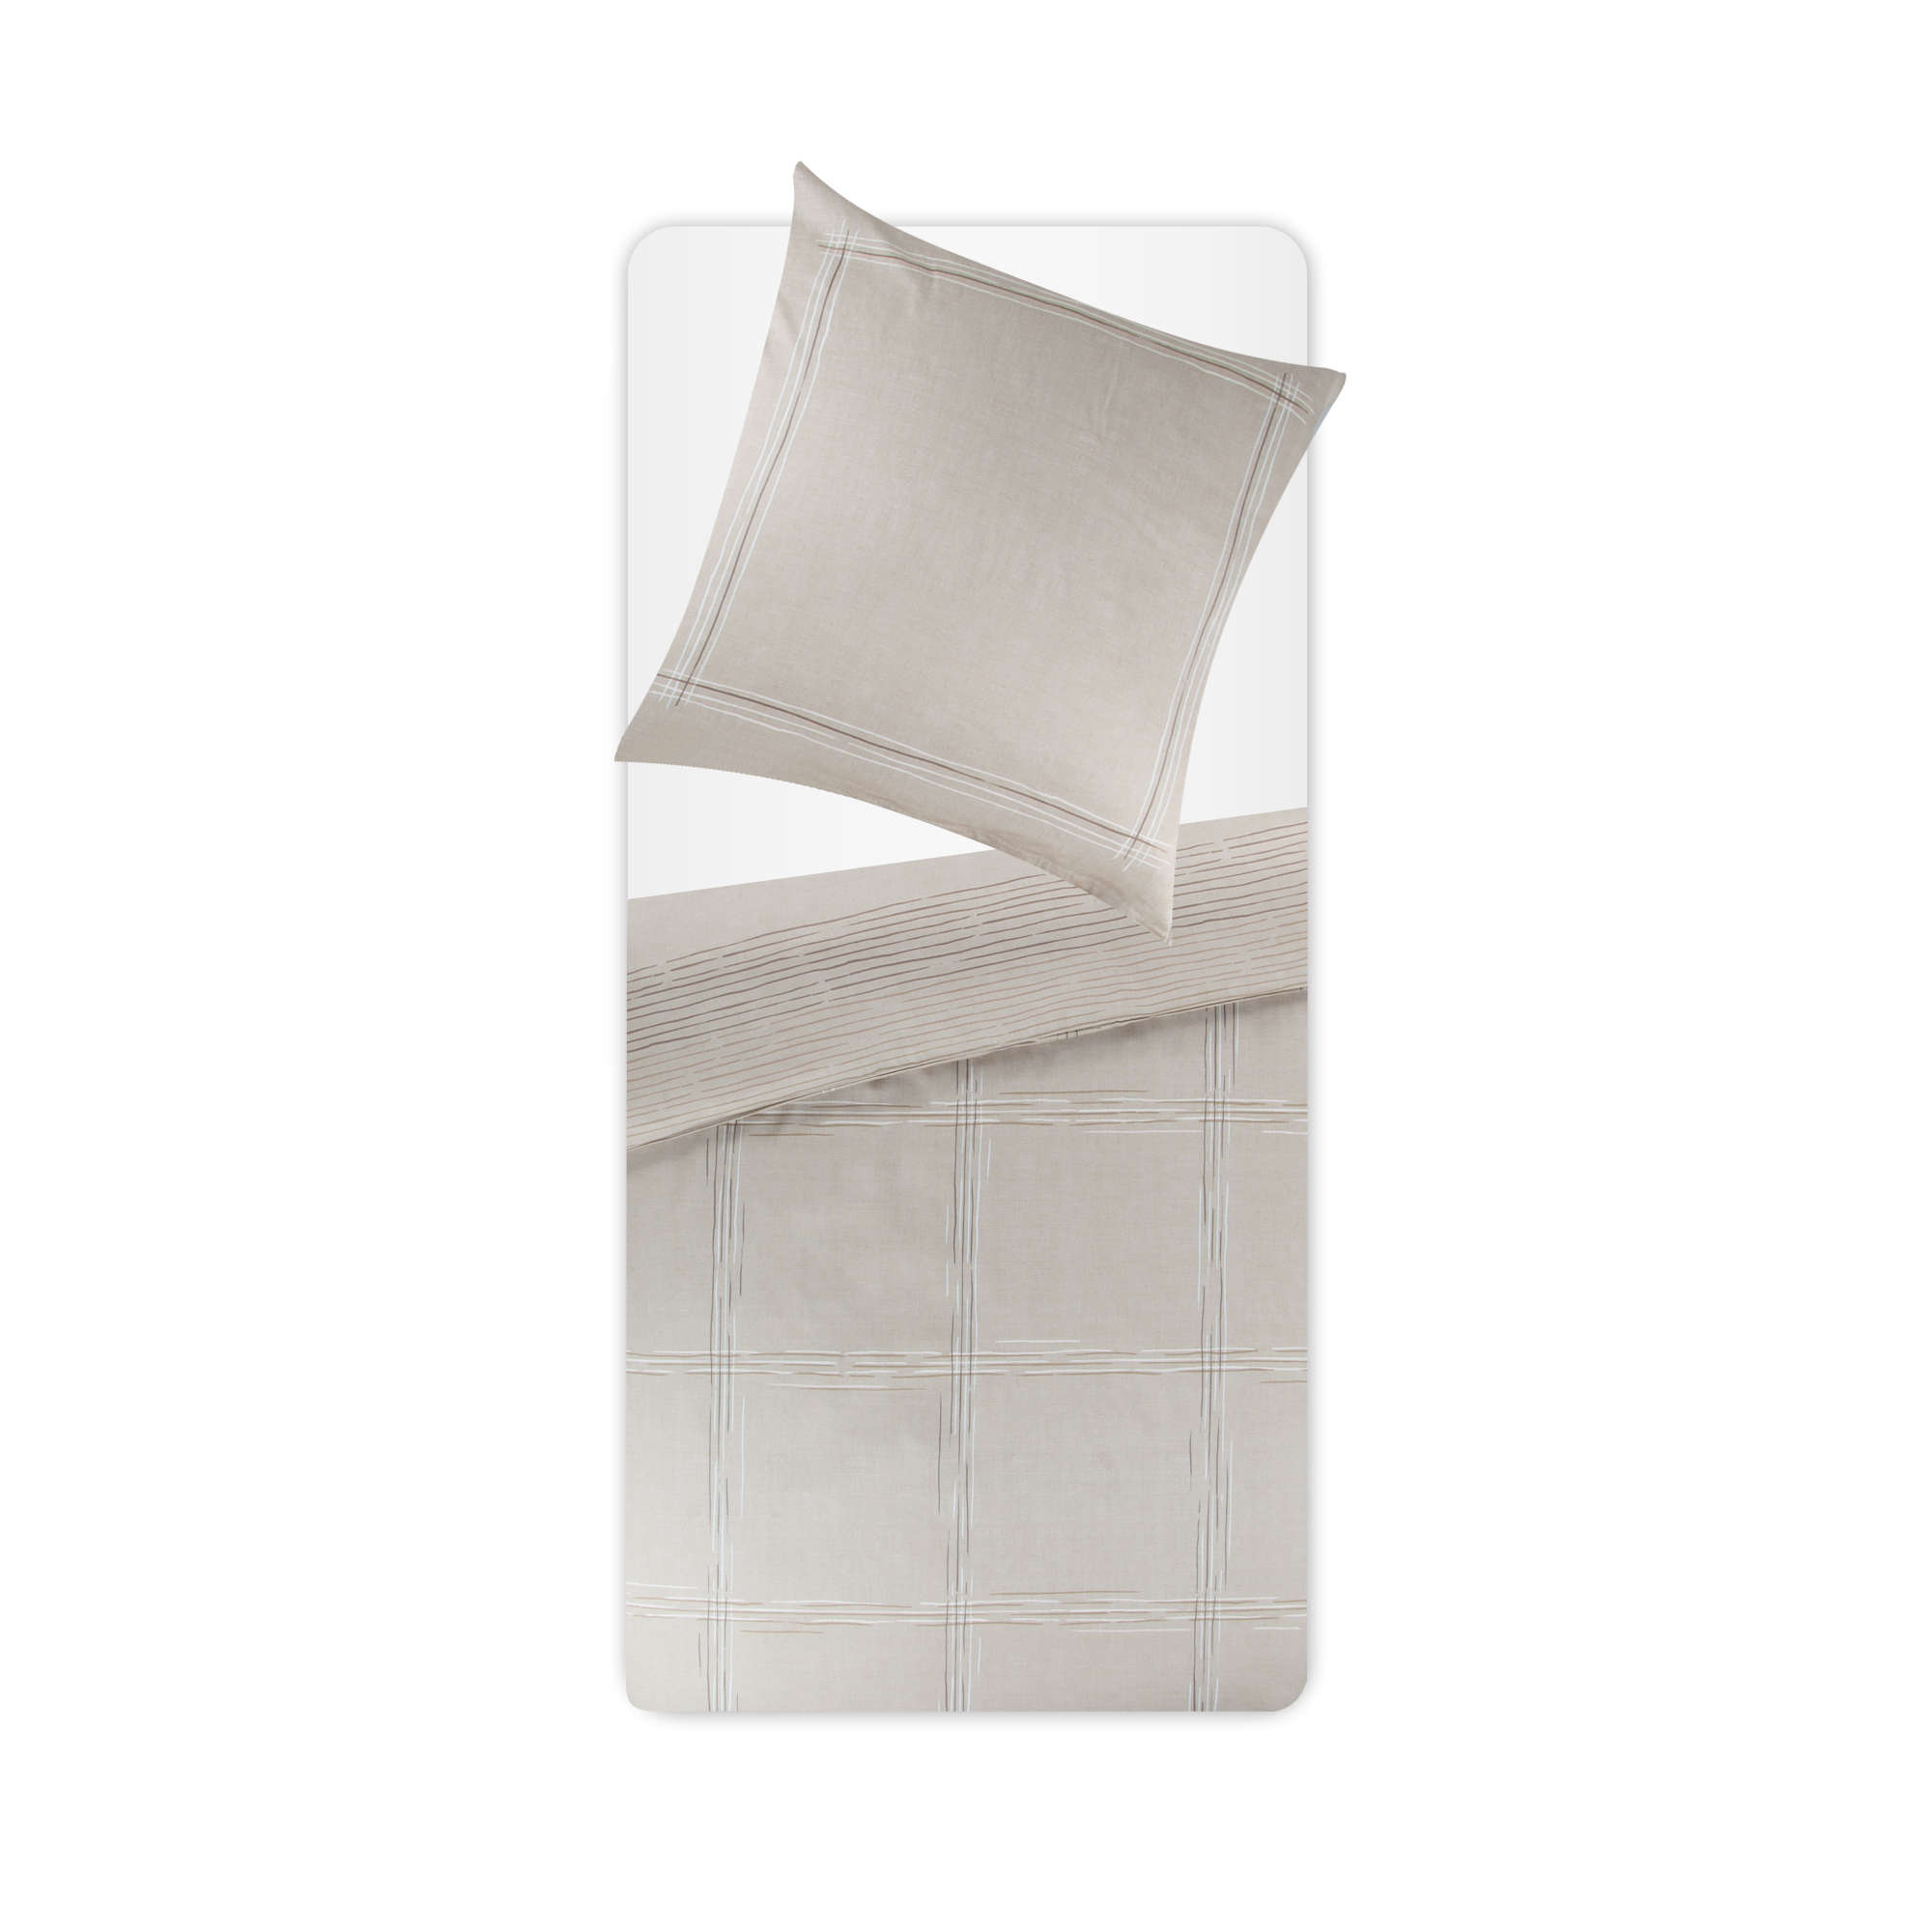 estella bettw sche braun beige satin ebay. Black Bedroom Furniture Sets. Home Design Ideas